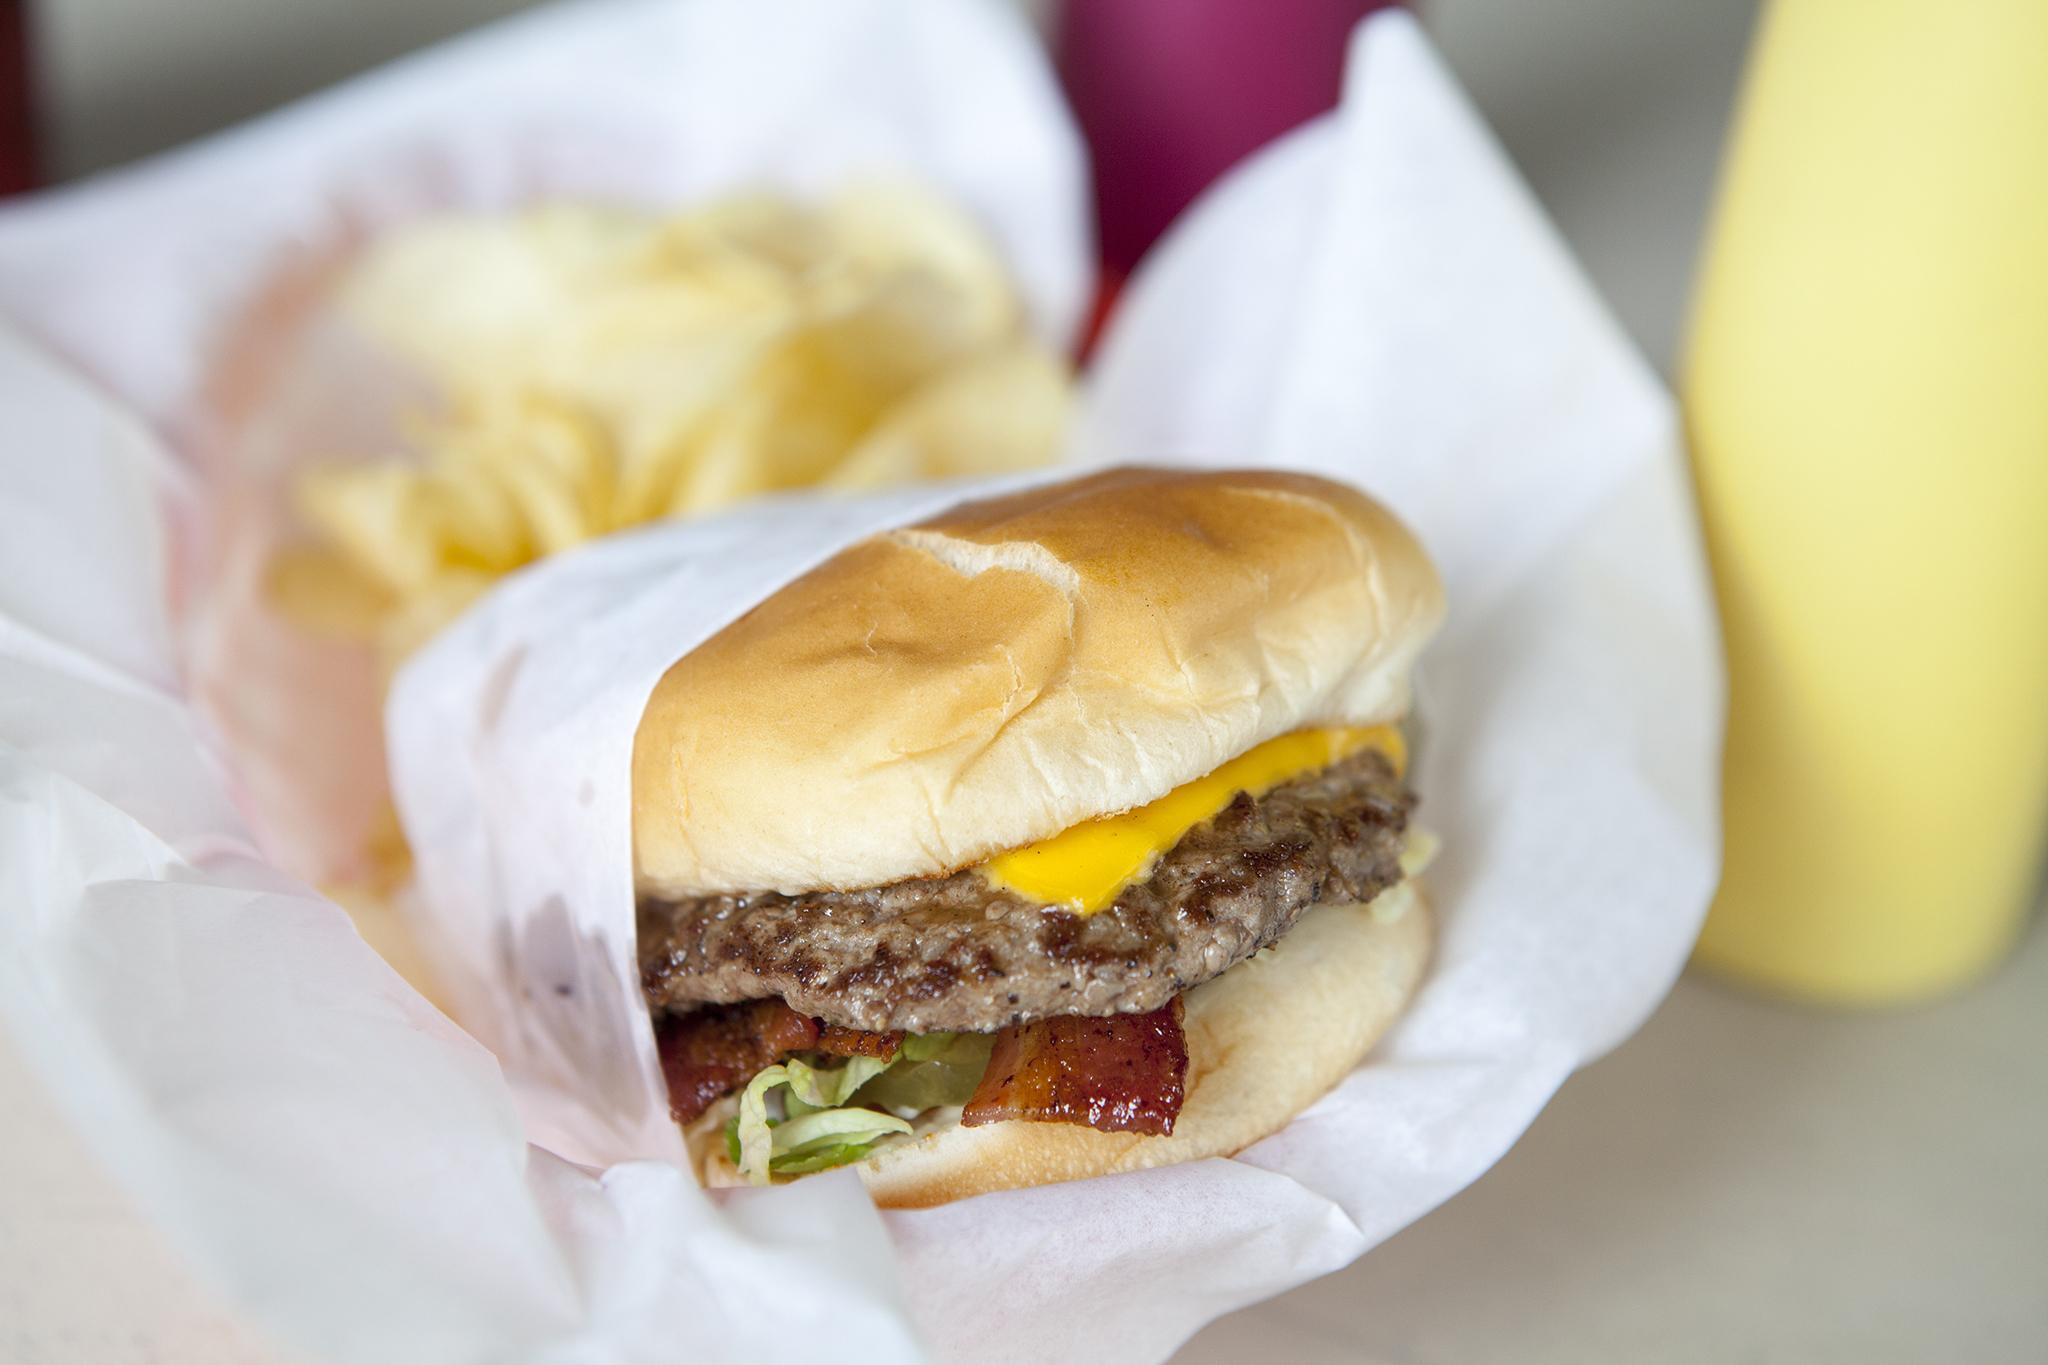 Bill & Hiroko's bacon cheeseburger